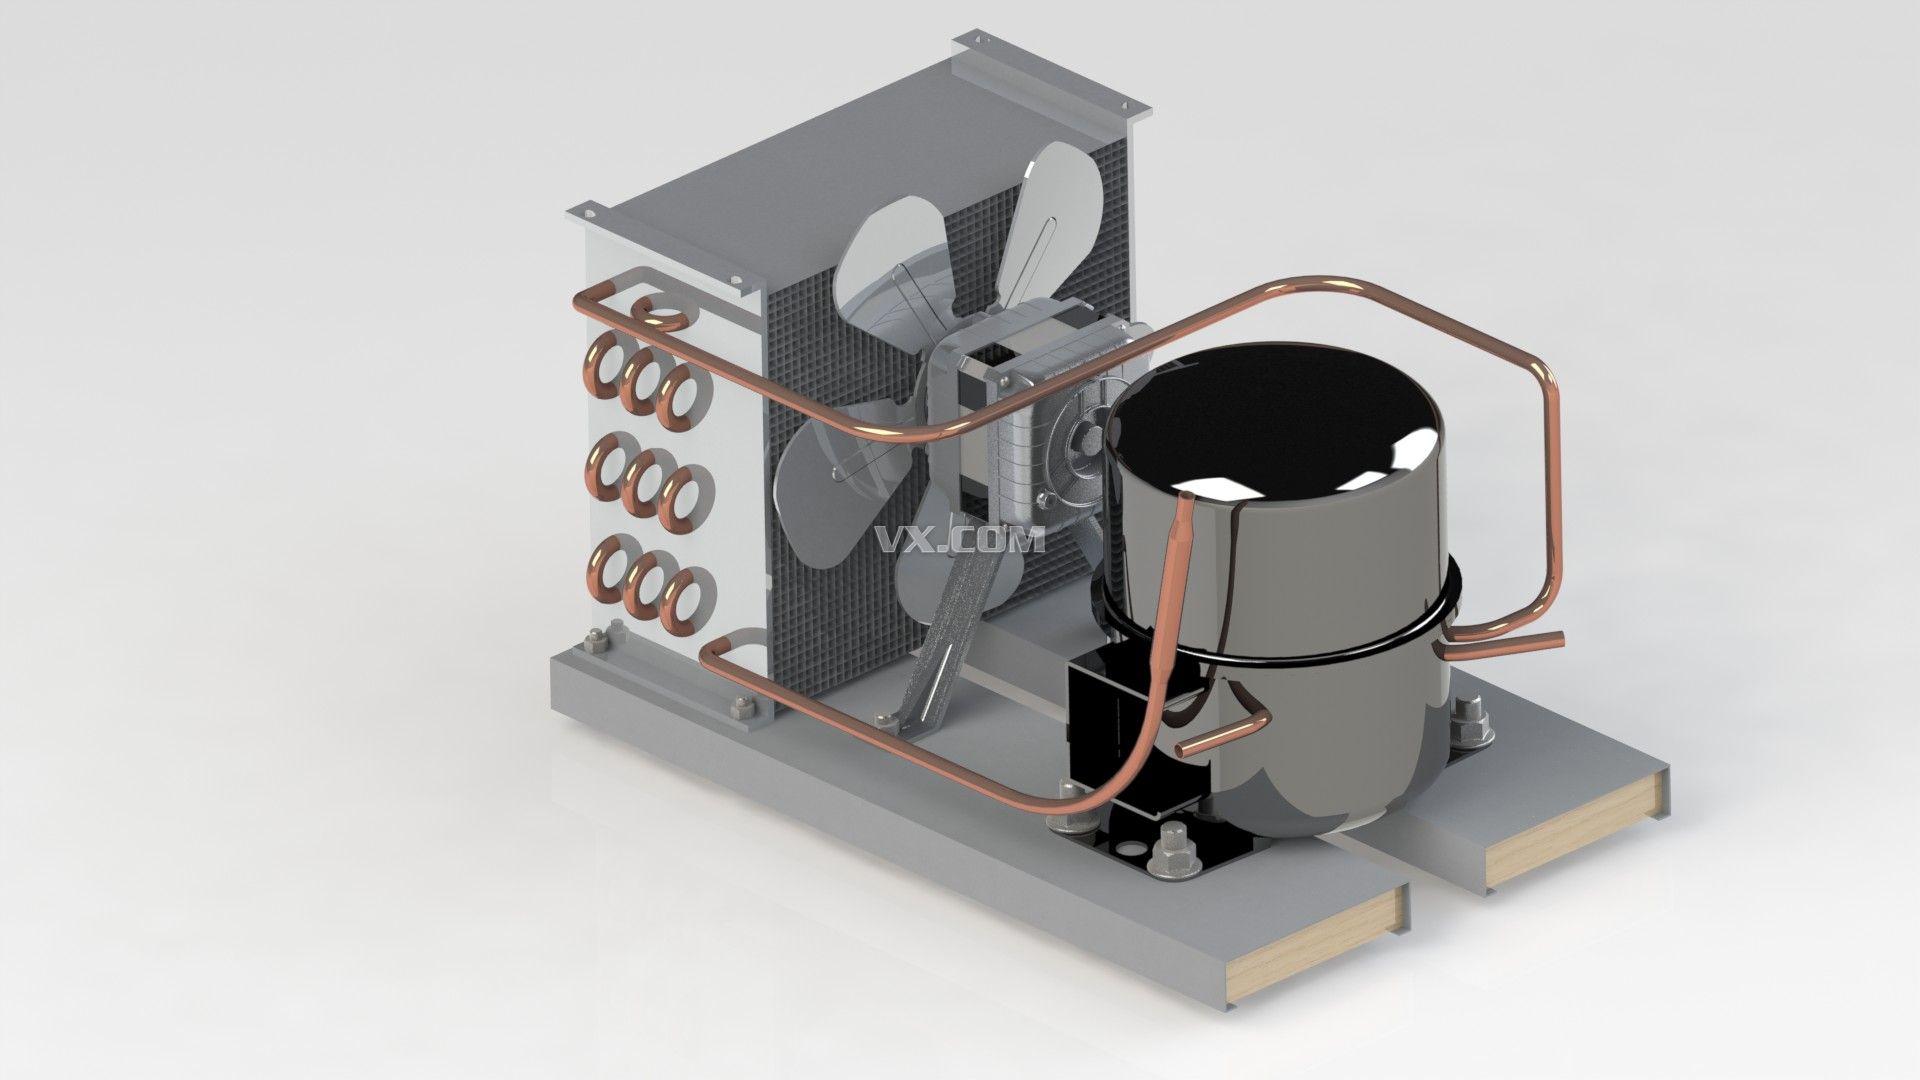 冰箱制冷装置_solidworks_机械设备_3d模型_图纸下载